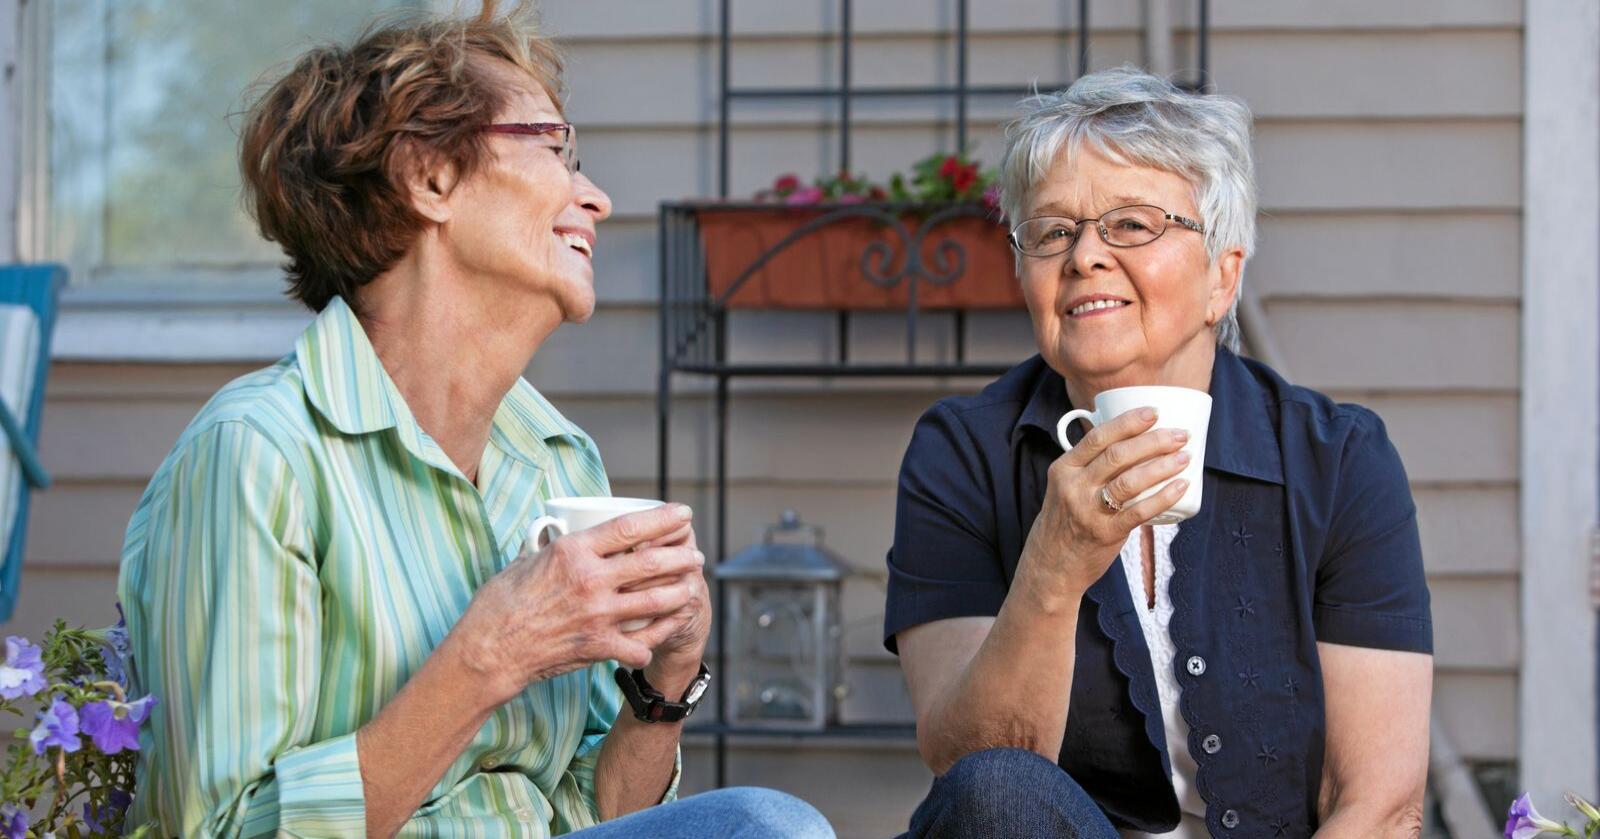 Velferd: Kommunene må arbeide for at den eldre kan få bedret eller beholde sin funksjonsevne og helbredstilstand så lenge som mulig, skriver Hanne Alstrup Velure. Foto: Tyler Olson / SimpleFoto / Mostphotos